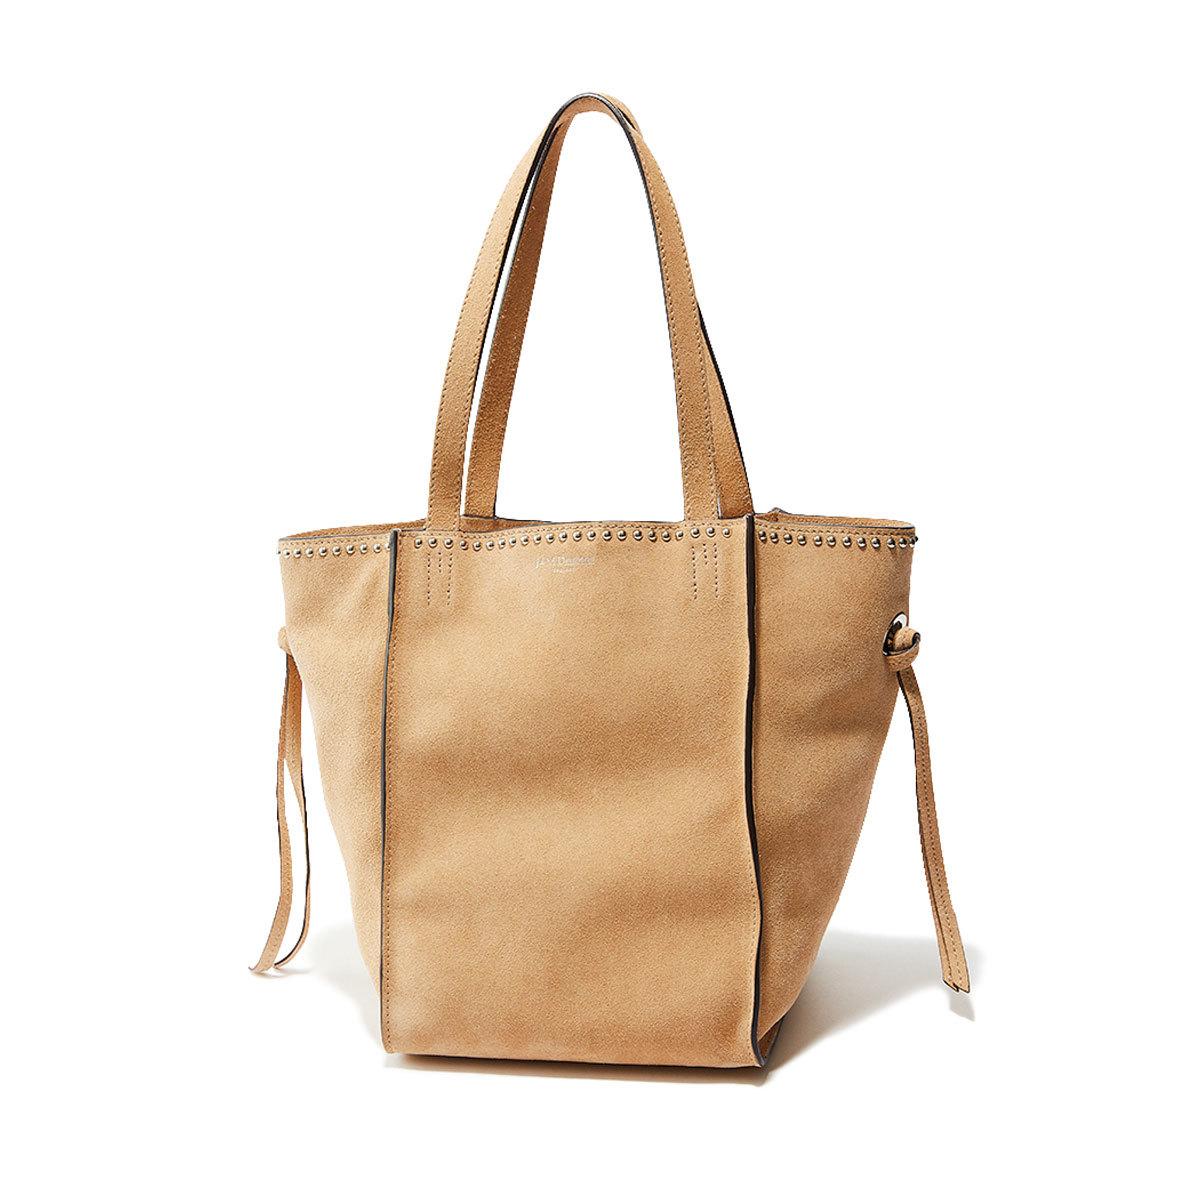 夏に映える小物&洗練小ぶりバッグ【おしゃれプロの「これ買っちゃいました!」】_1_1-6